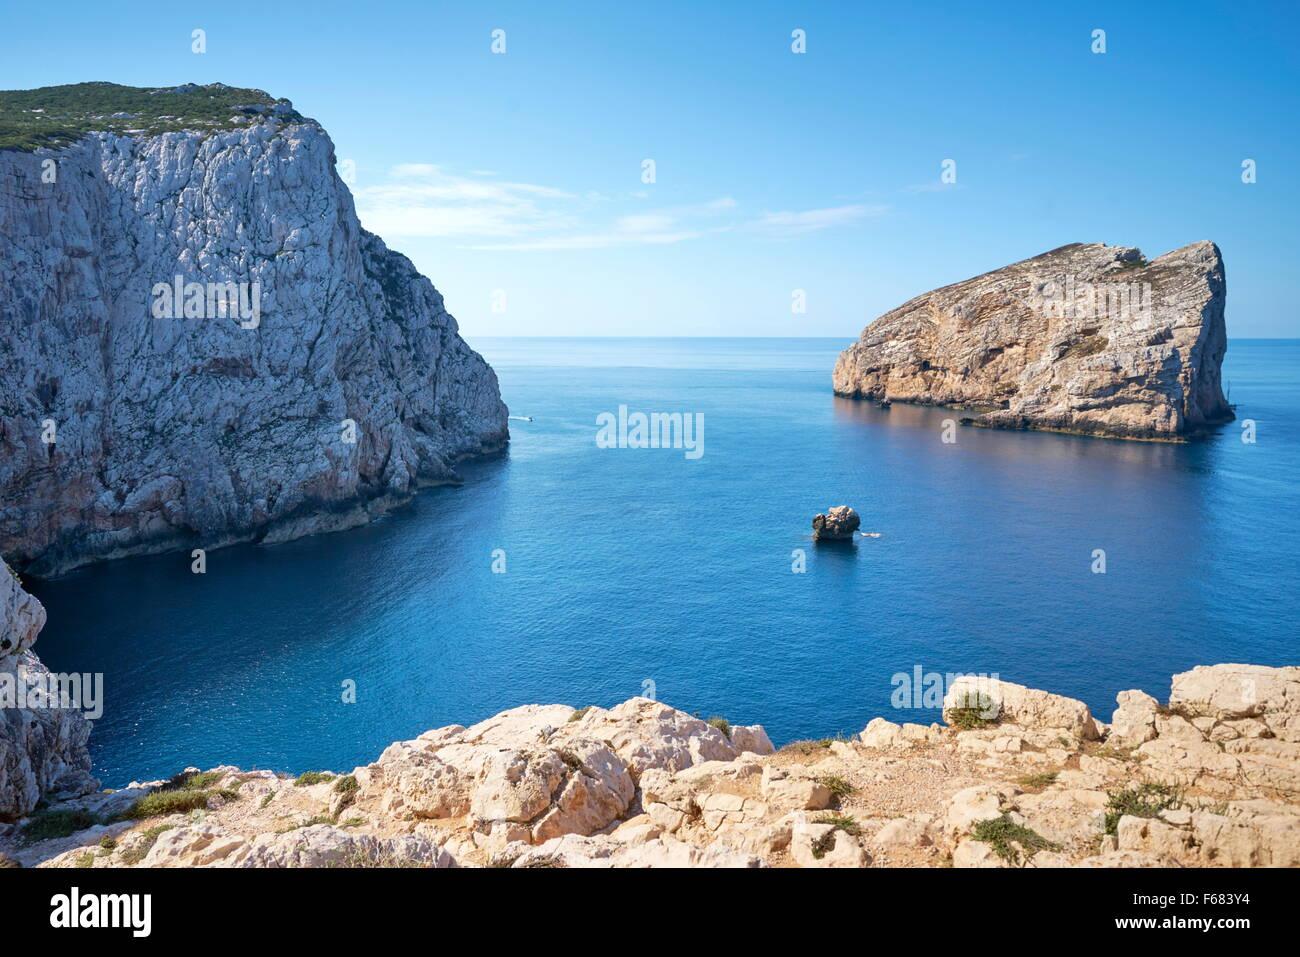 Porto Conte Parco Nazionale, Alghero, Sardegna, Italia Immagini Stock